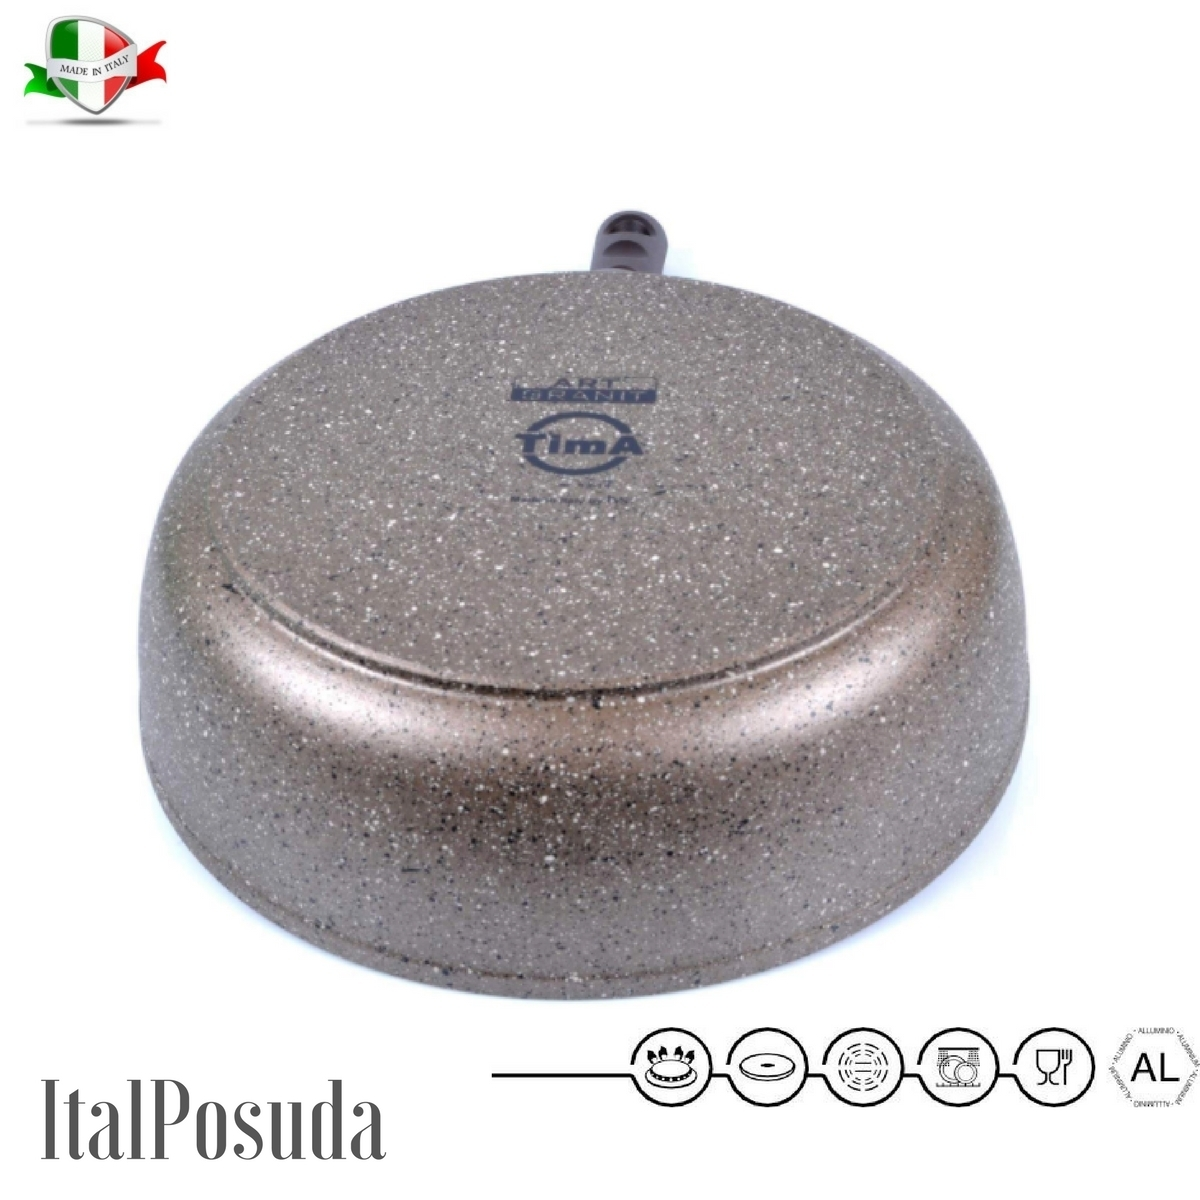 Сотейник со съёмной ручкой TIMA Art Granit индукционный, 26 см www.Ital-Posuda.ru